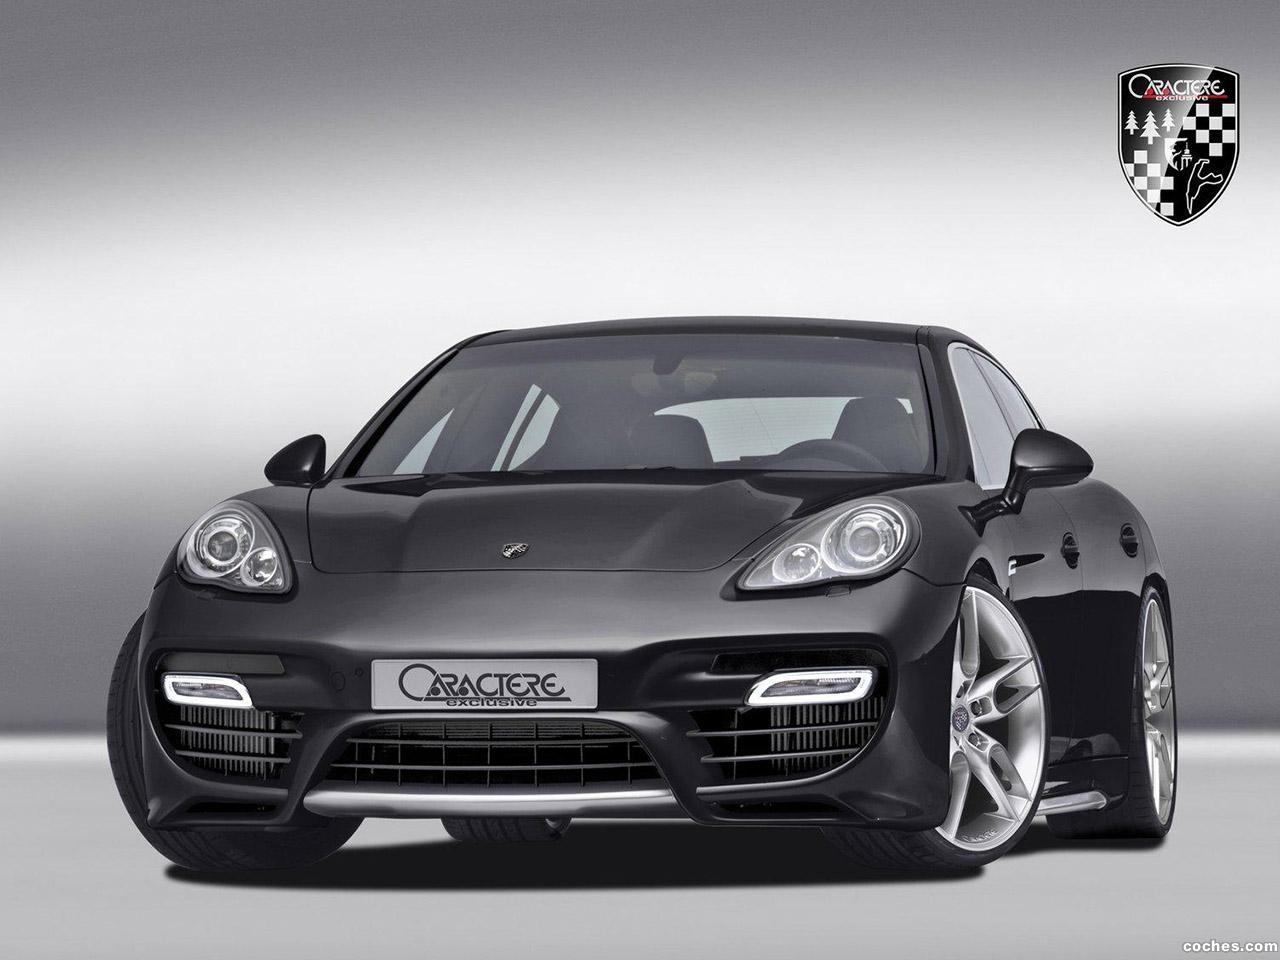 Foto 0 de Caractere Porsche Panamera 2010